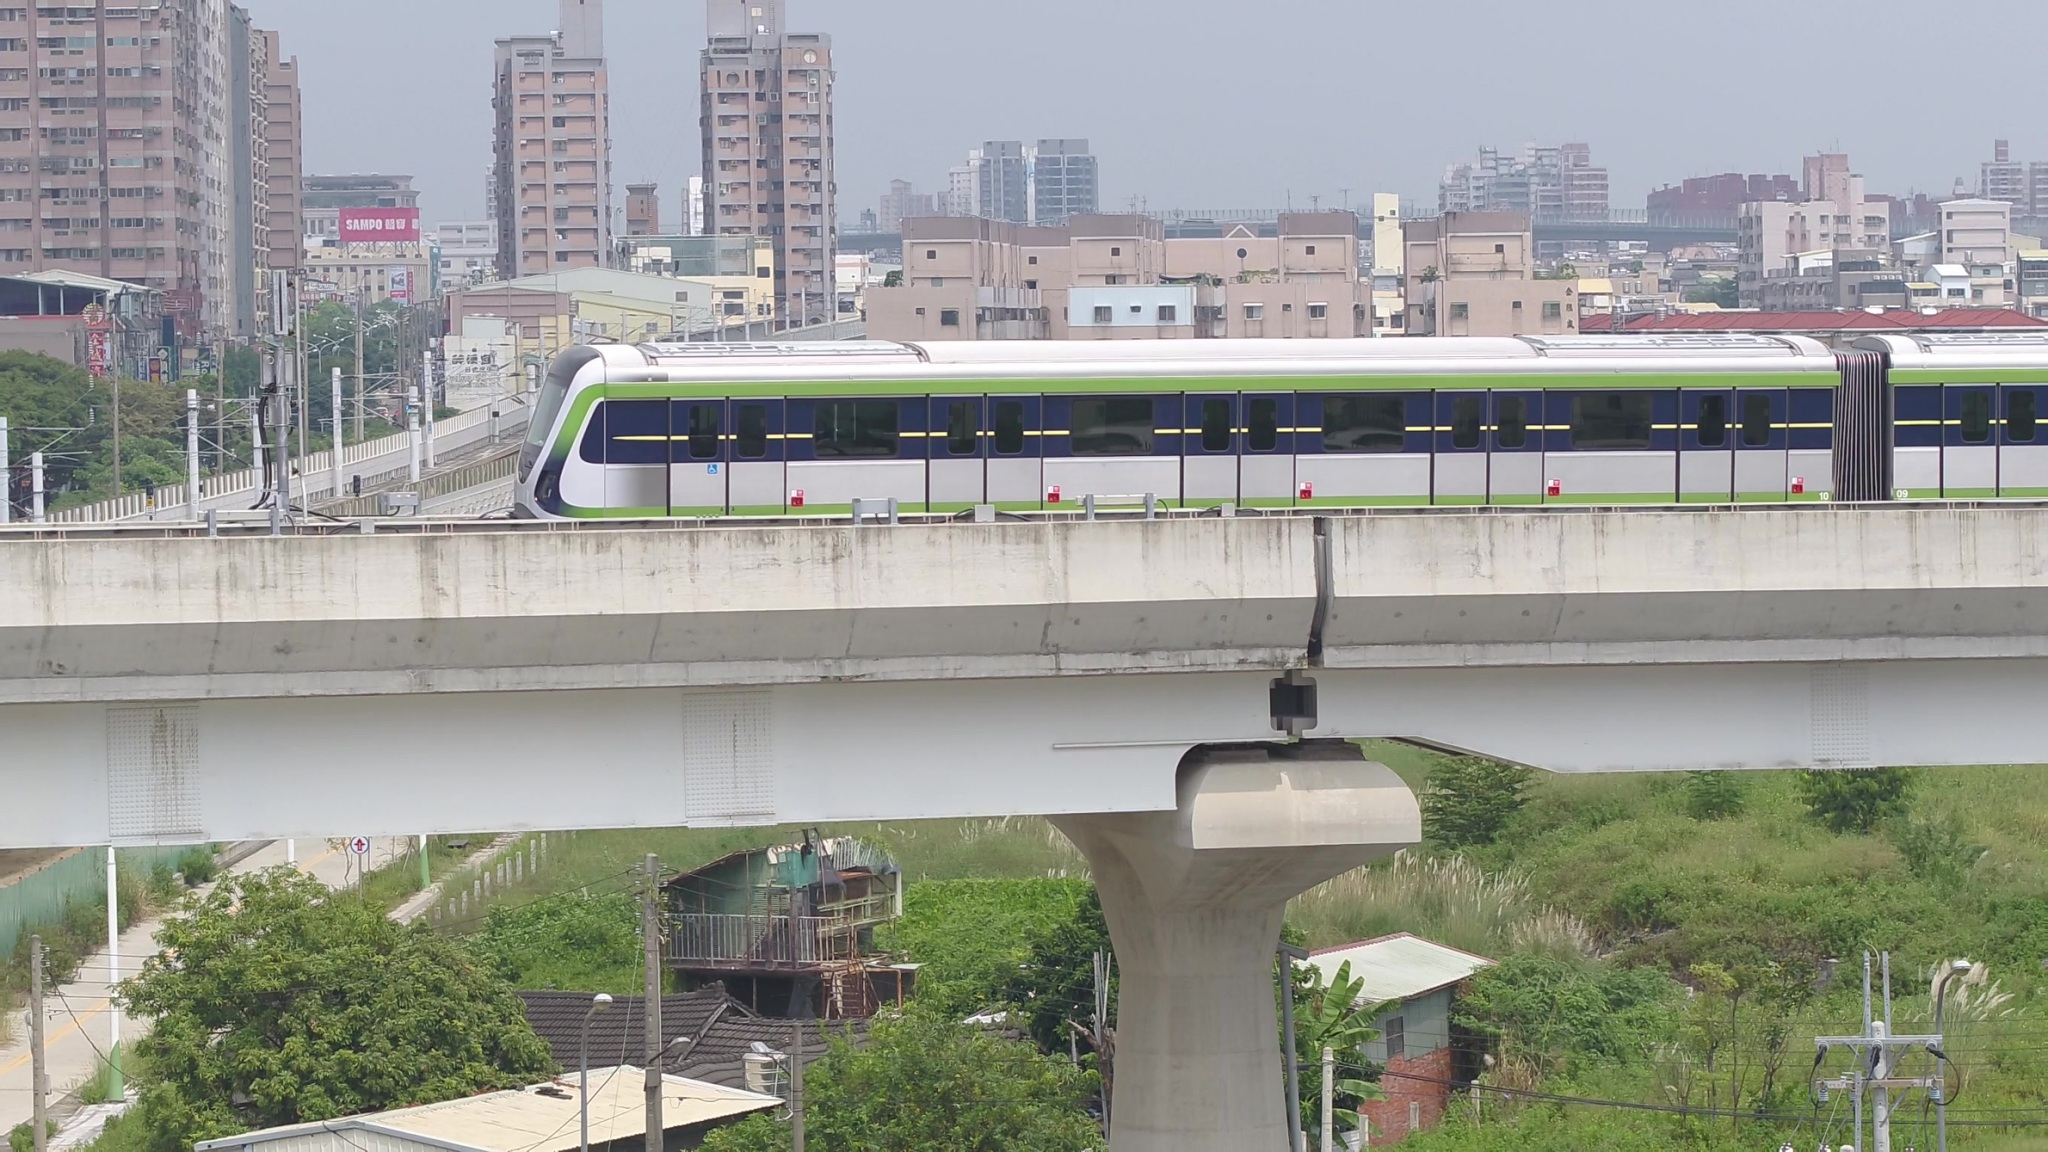 台中捷運綠線將於年底通車,因應未來營運所需,台中捷運公司公開招募基層主管及中階幕僚共42人。(記者高秋敏翻攝)